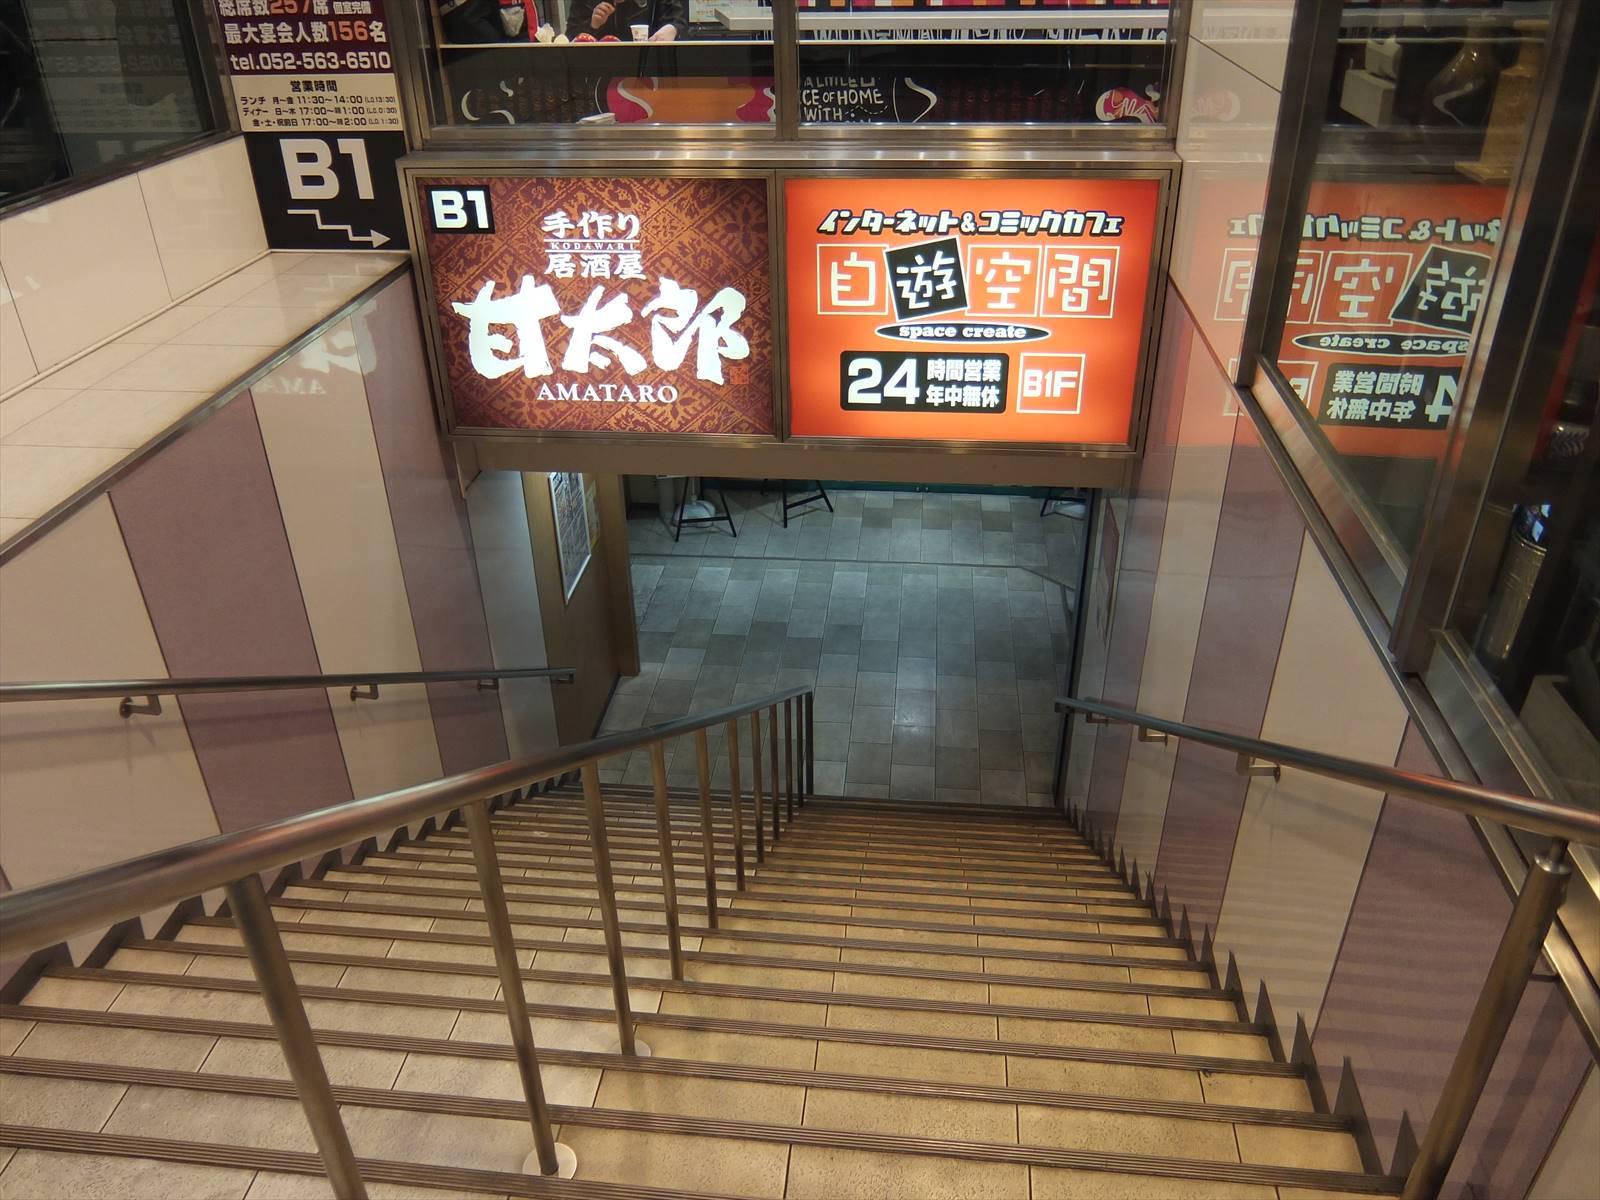 自遊空間名駅店入口